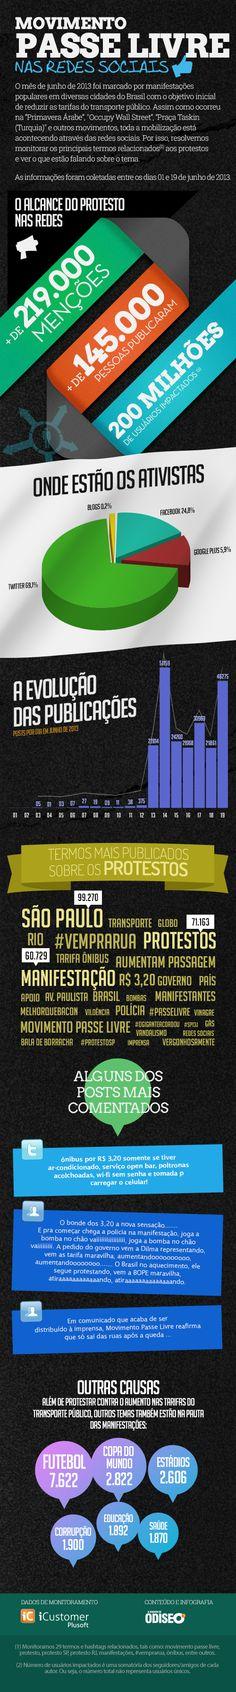 Os protestos em números